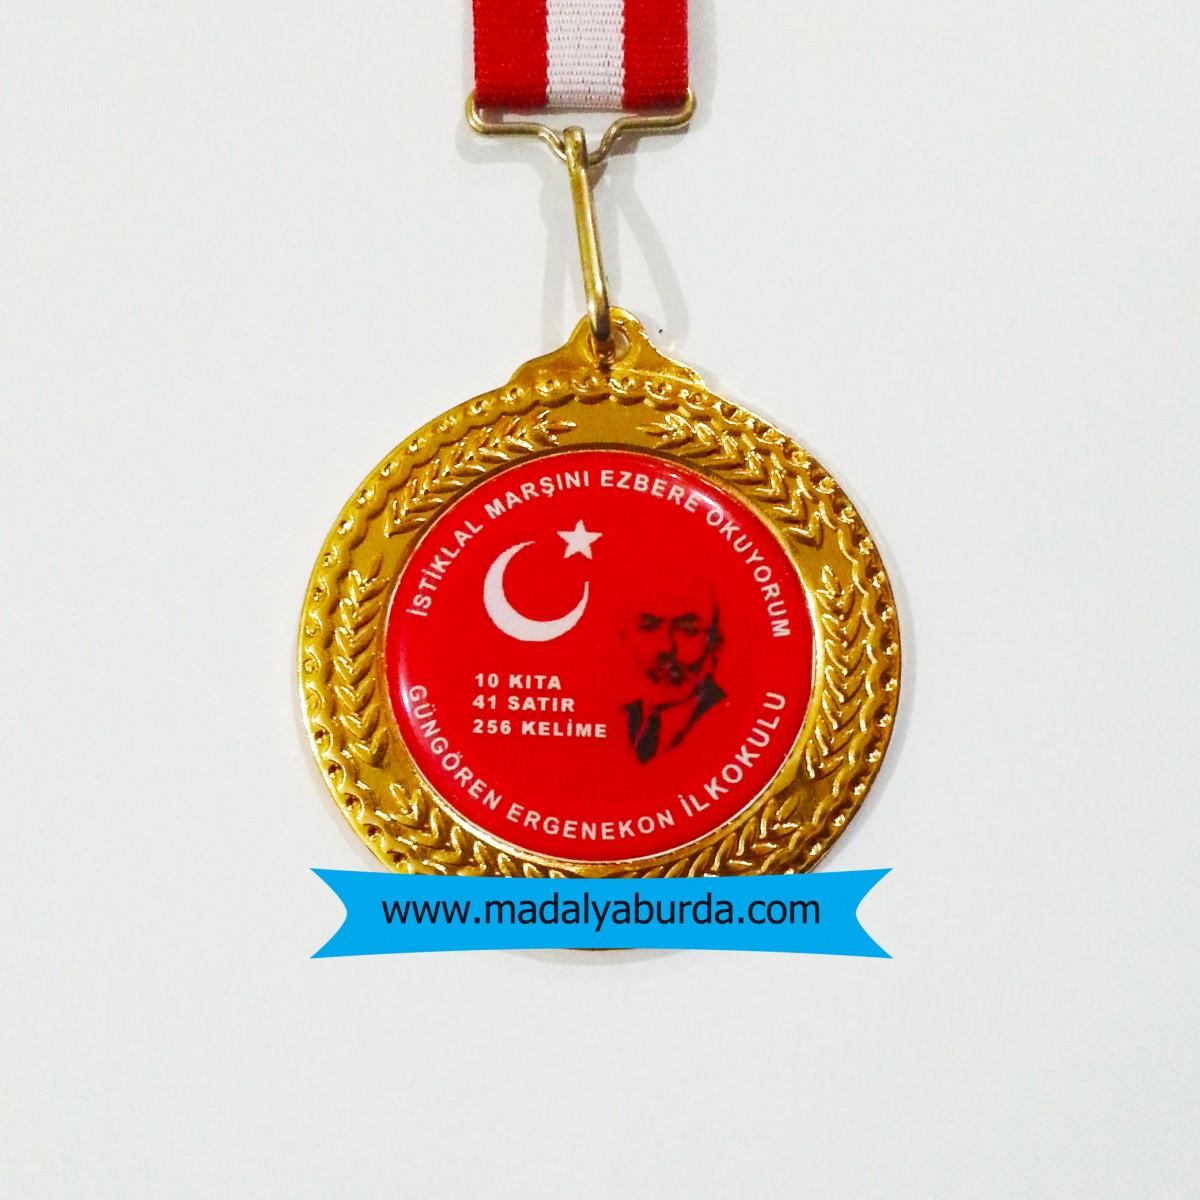 İstiklal marşı ezbere okuma ödülü